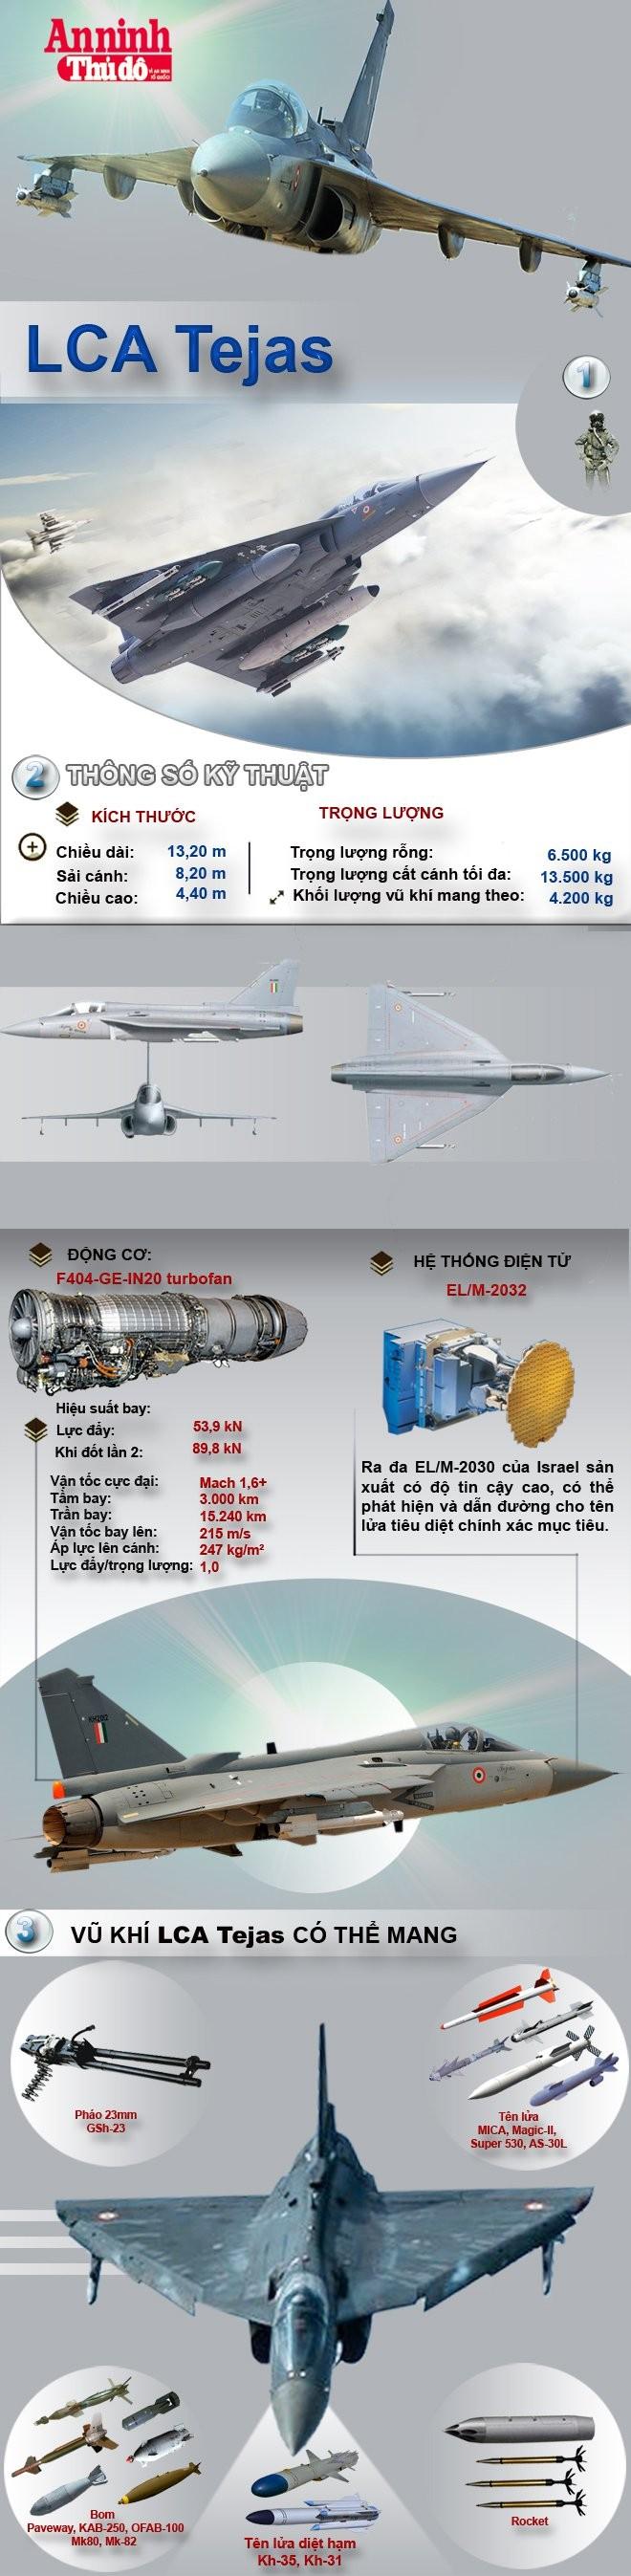 """[Infographic] LCA Tejas – """"Chiến binh"""" xuất sắc thay thế huyền thoại MiG-21 của Ấn Độ"""